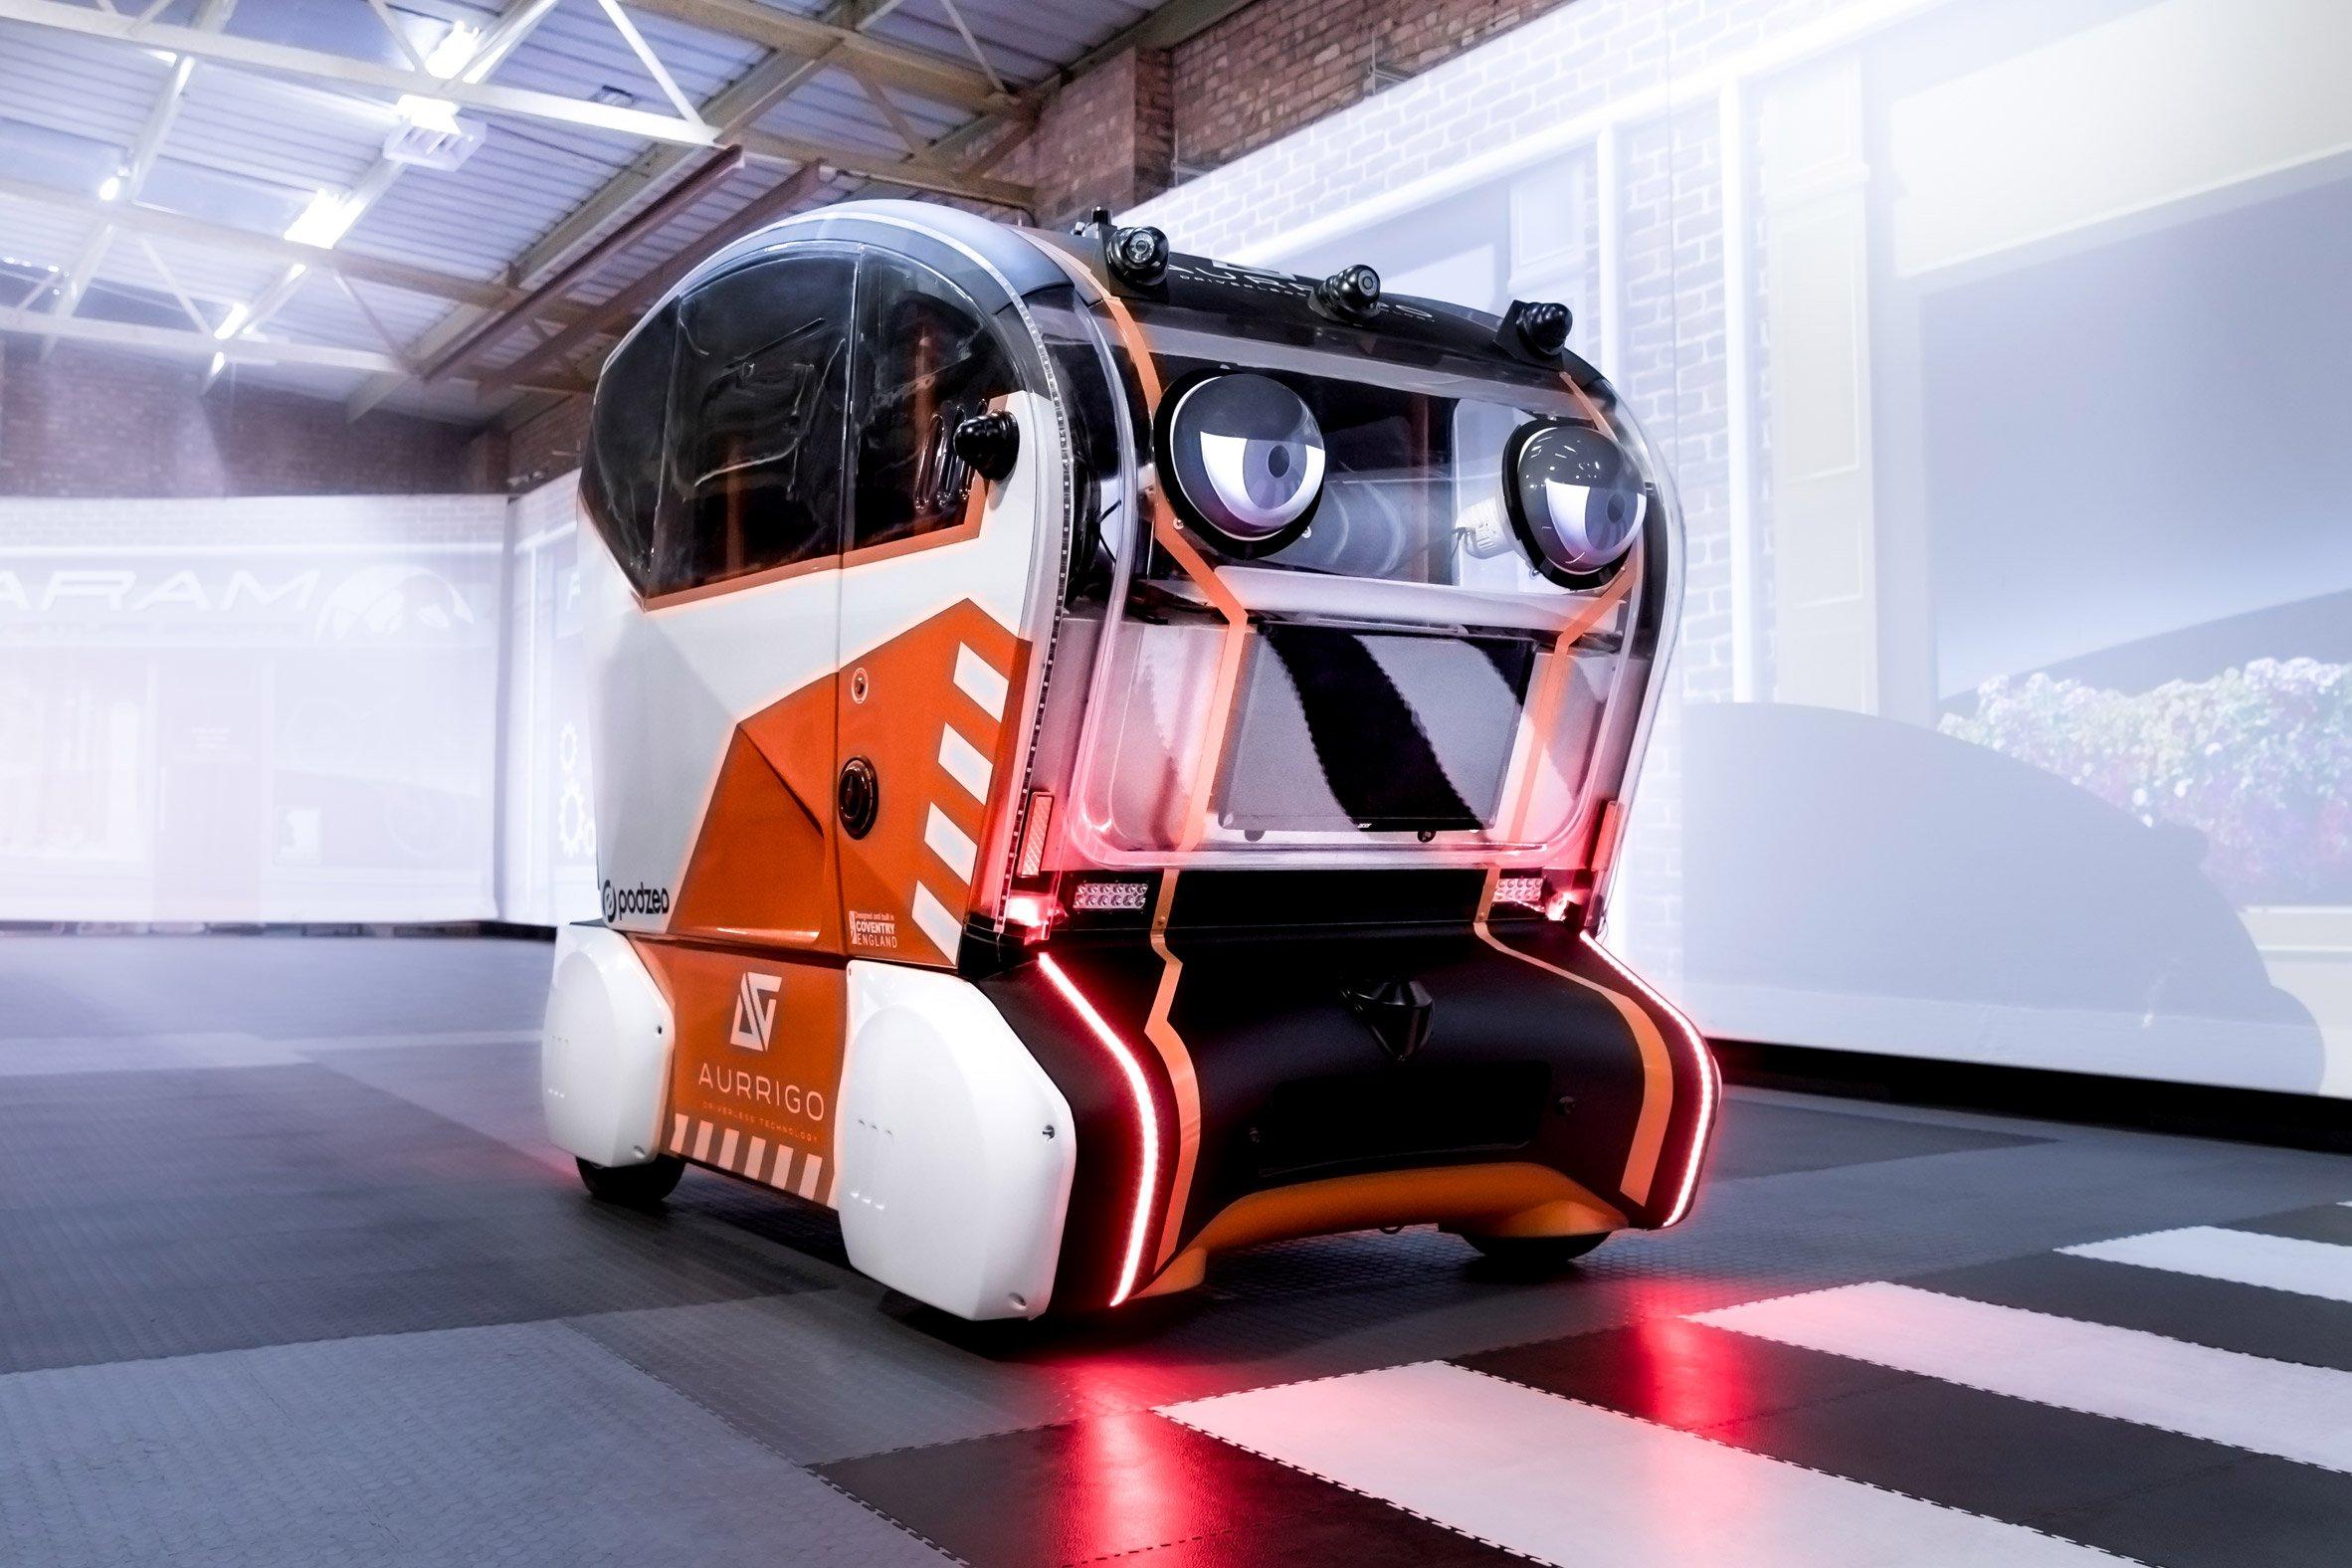 https://static.dezeen.com/uploads/2018/09/jaguar-land-rover-selfdriving-car-eyes-transport-technology_dezeen_2364_col_5.jpg